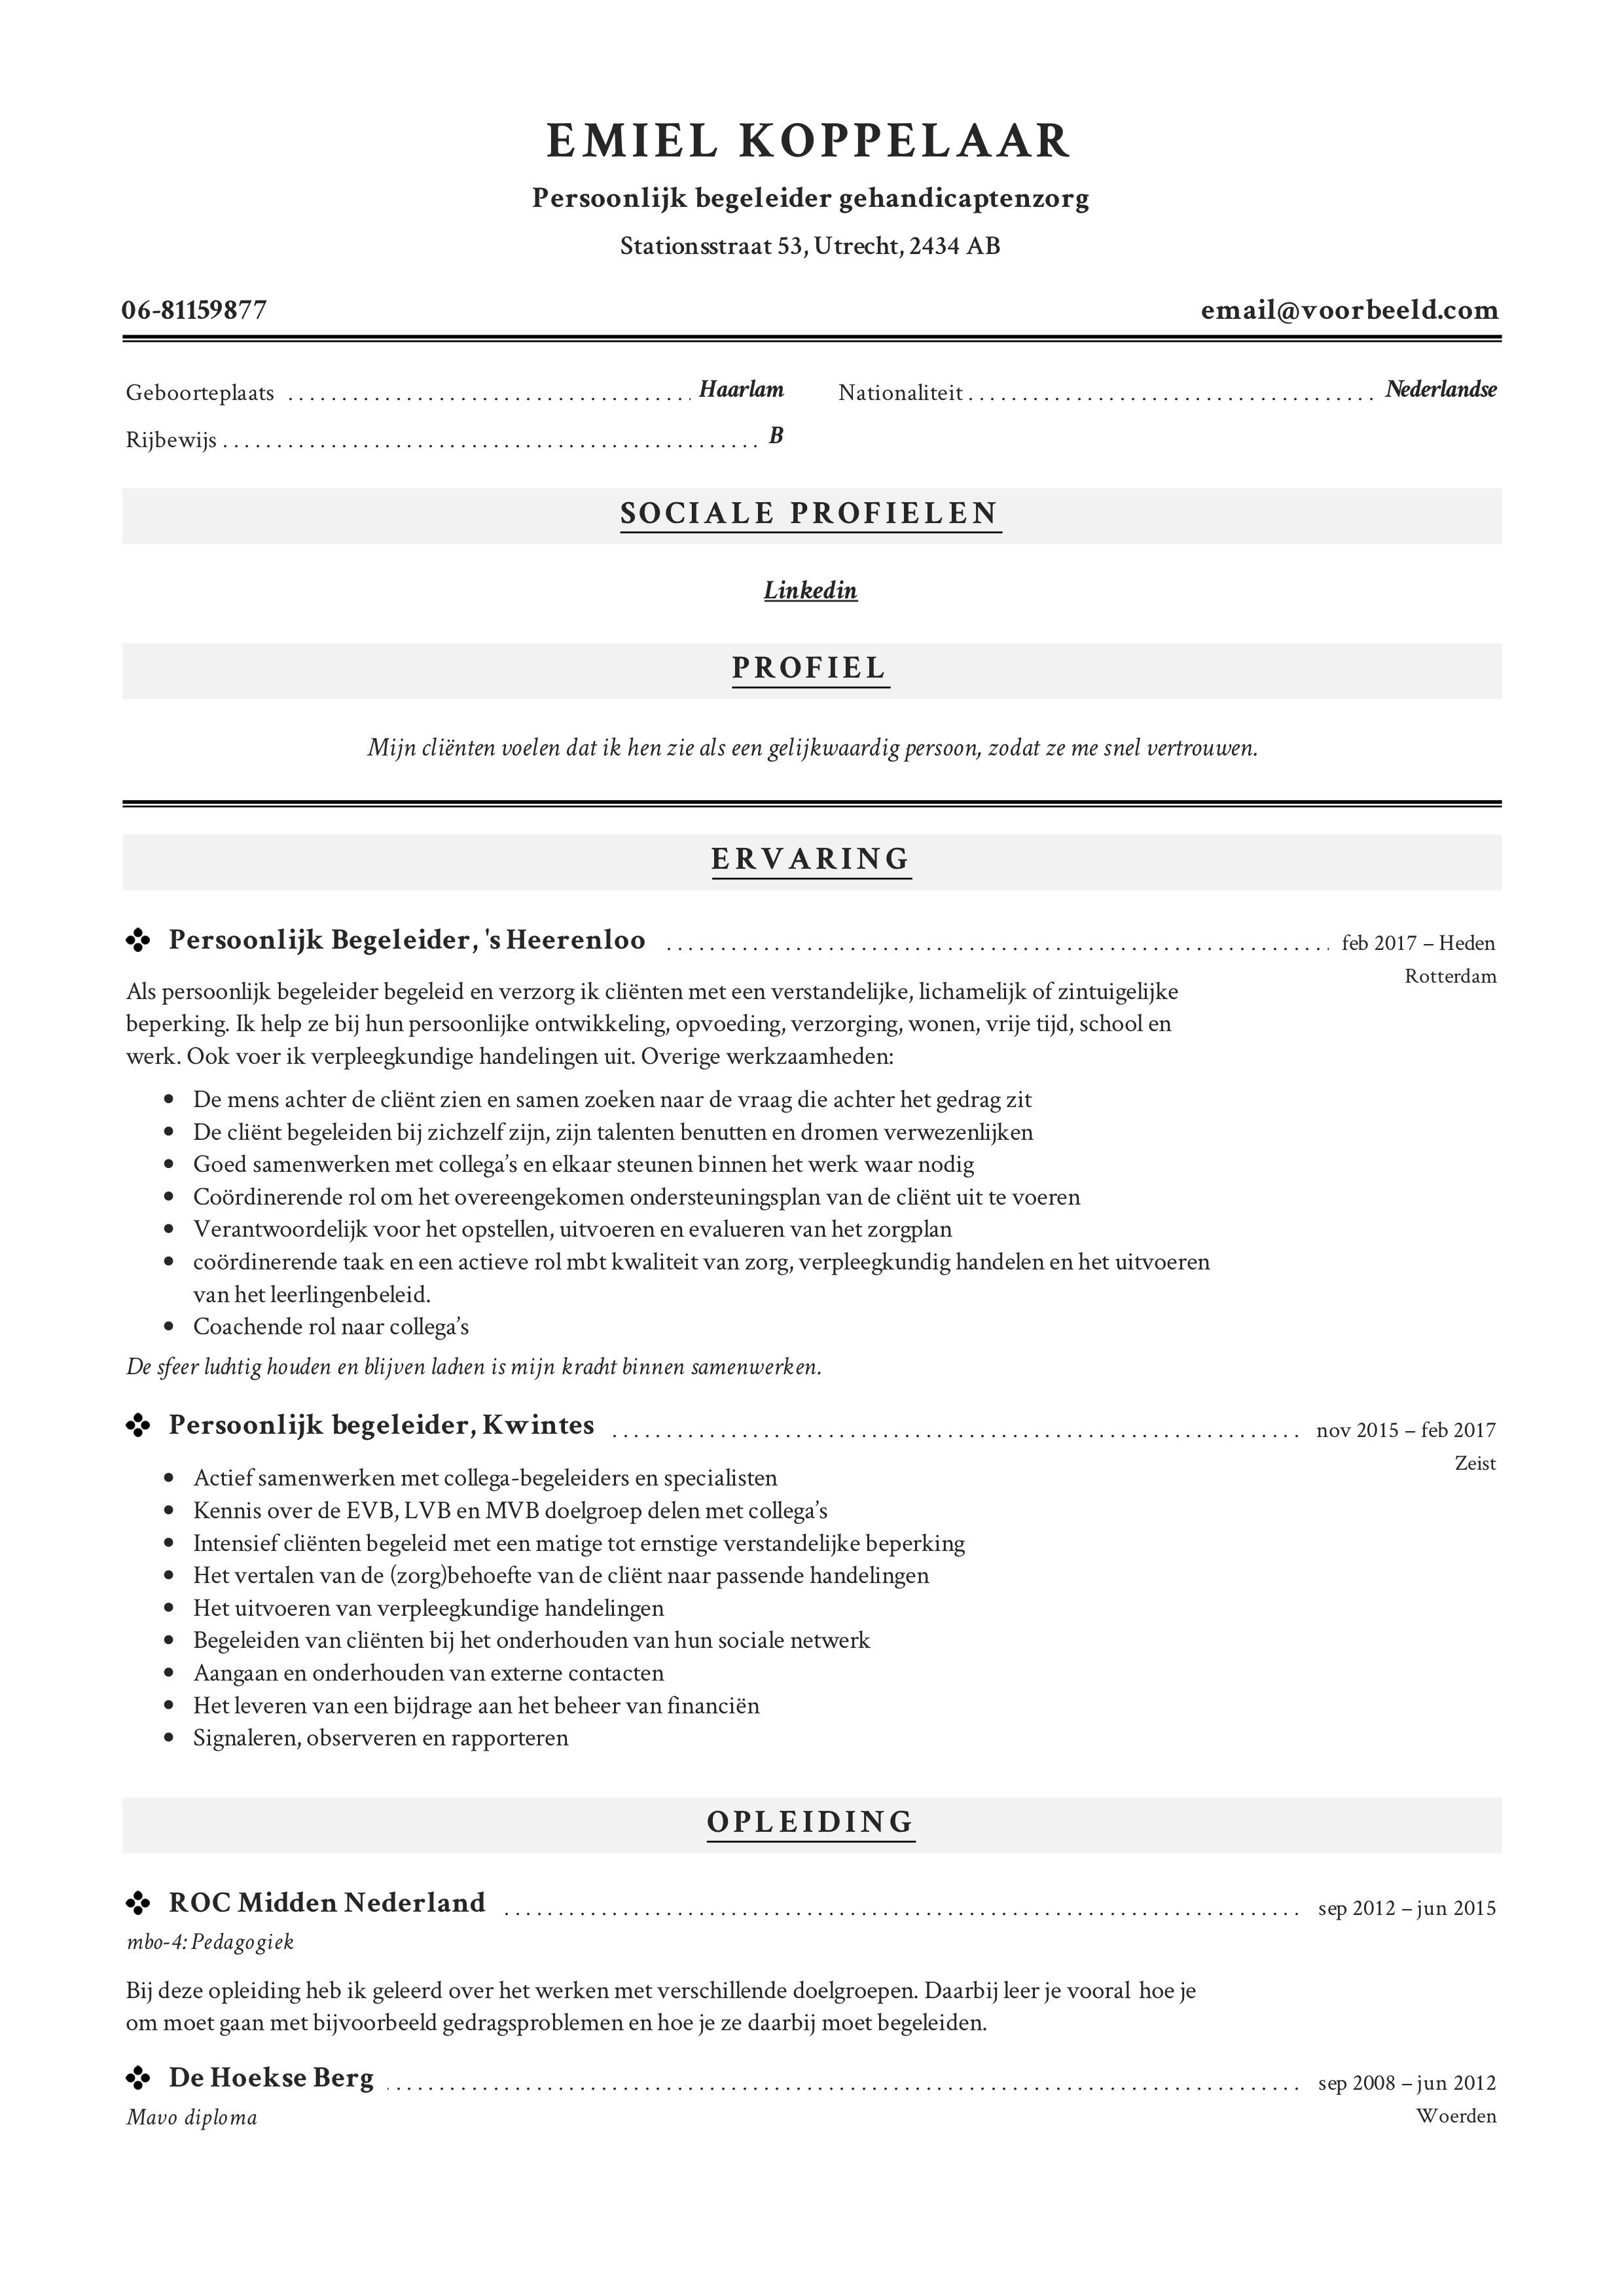 Emiel_Koppelaar_-_CV_-_Persoonlijk_begeleider_gehandicaptenzorg (3)